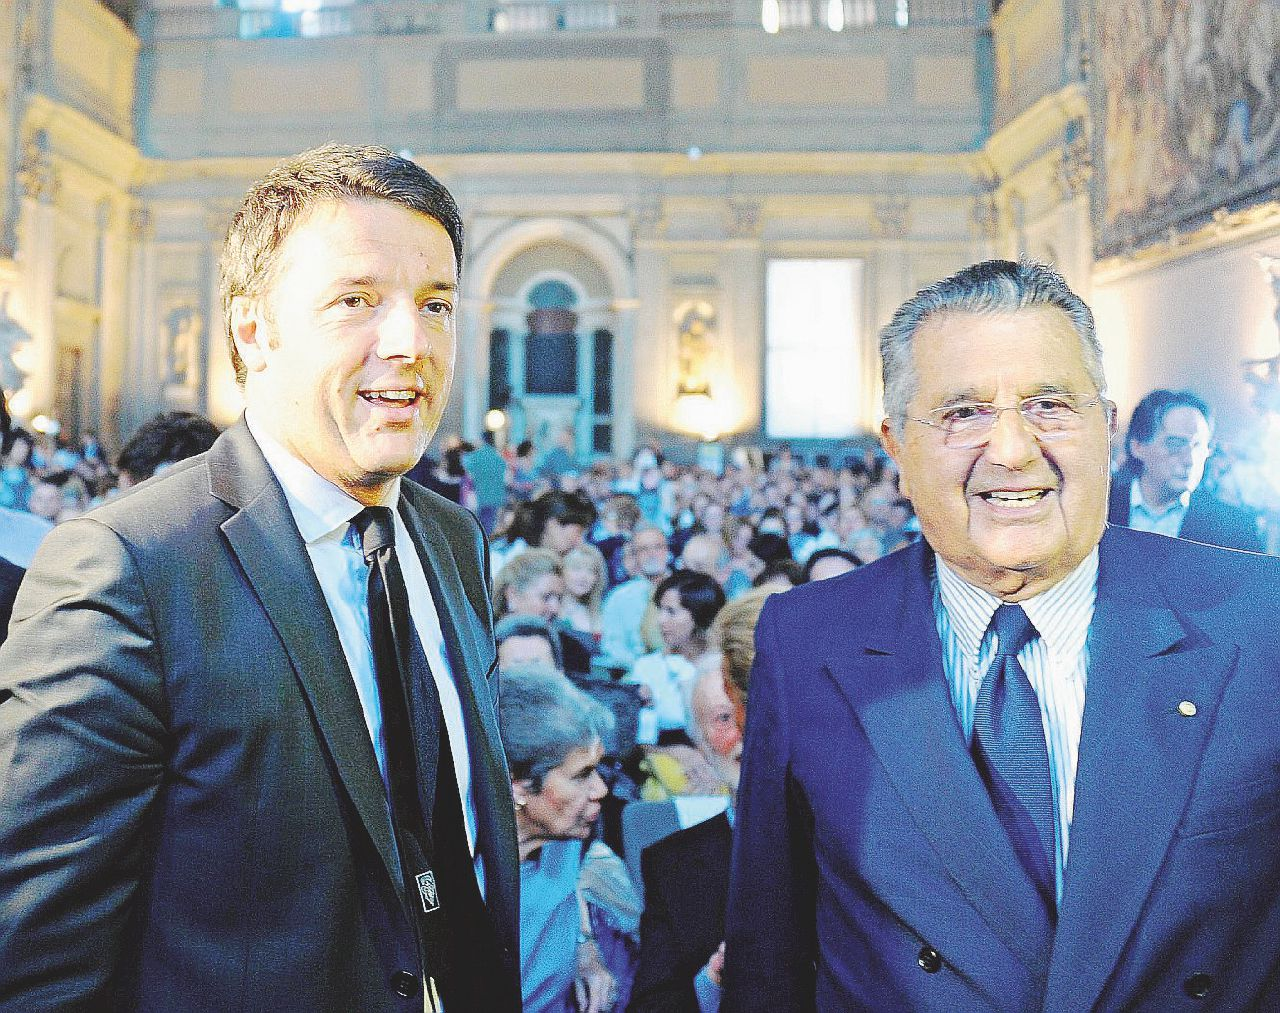 Banche popolari, De Benedetti: